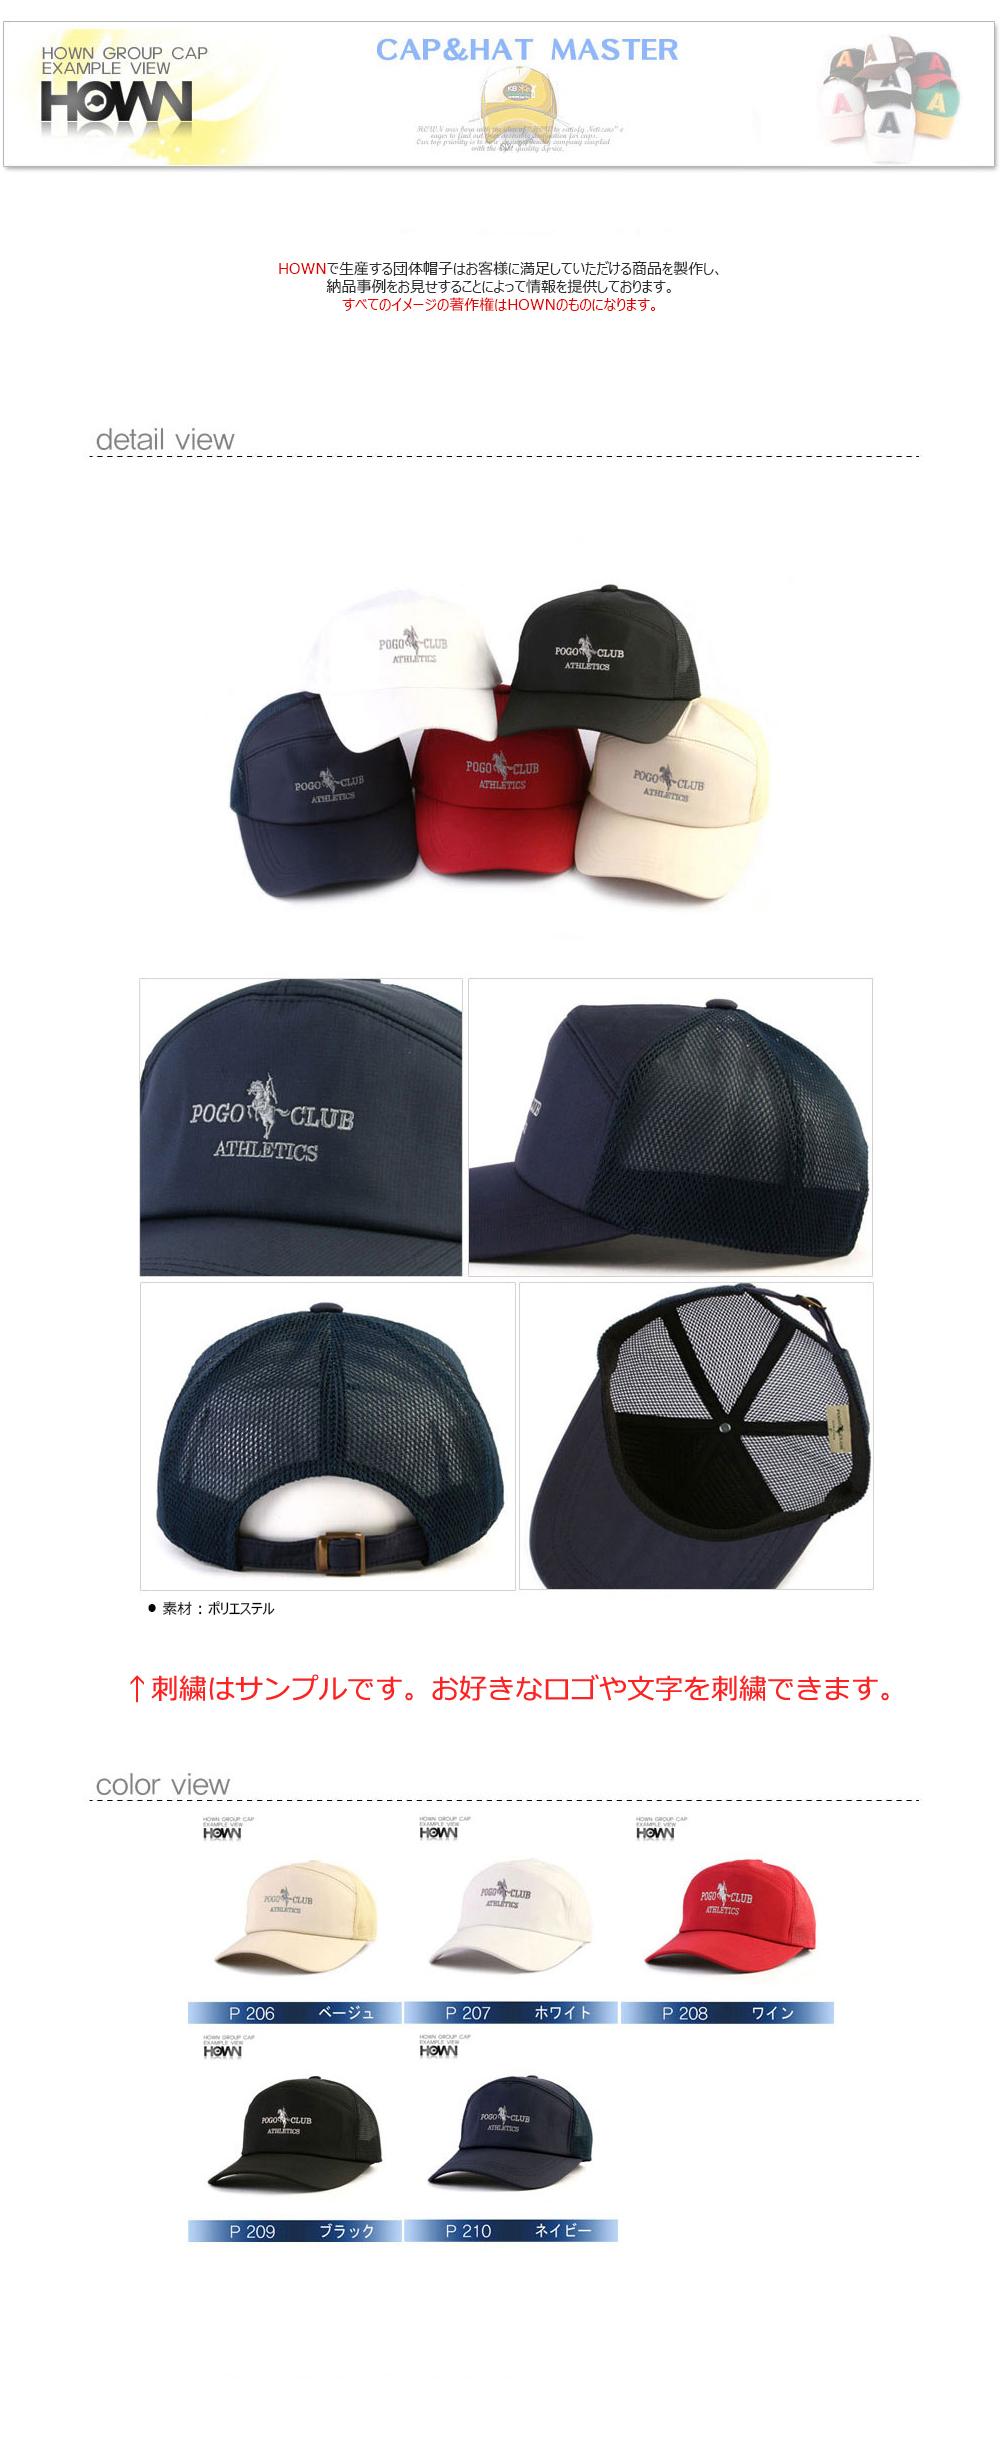 ゴルフ帽子(メッシュ) 1点から製作可能!名前入れ 刺繍 プリント オリジナルキャップ イベント用 野球帽 学校行事 サークル  ゴルフキャップに刺繍を!